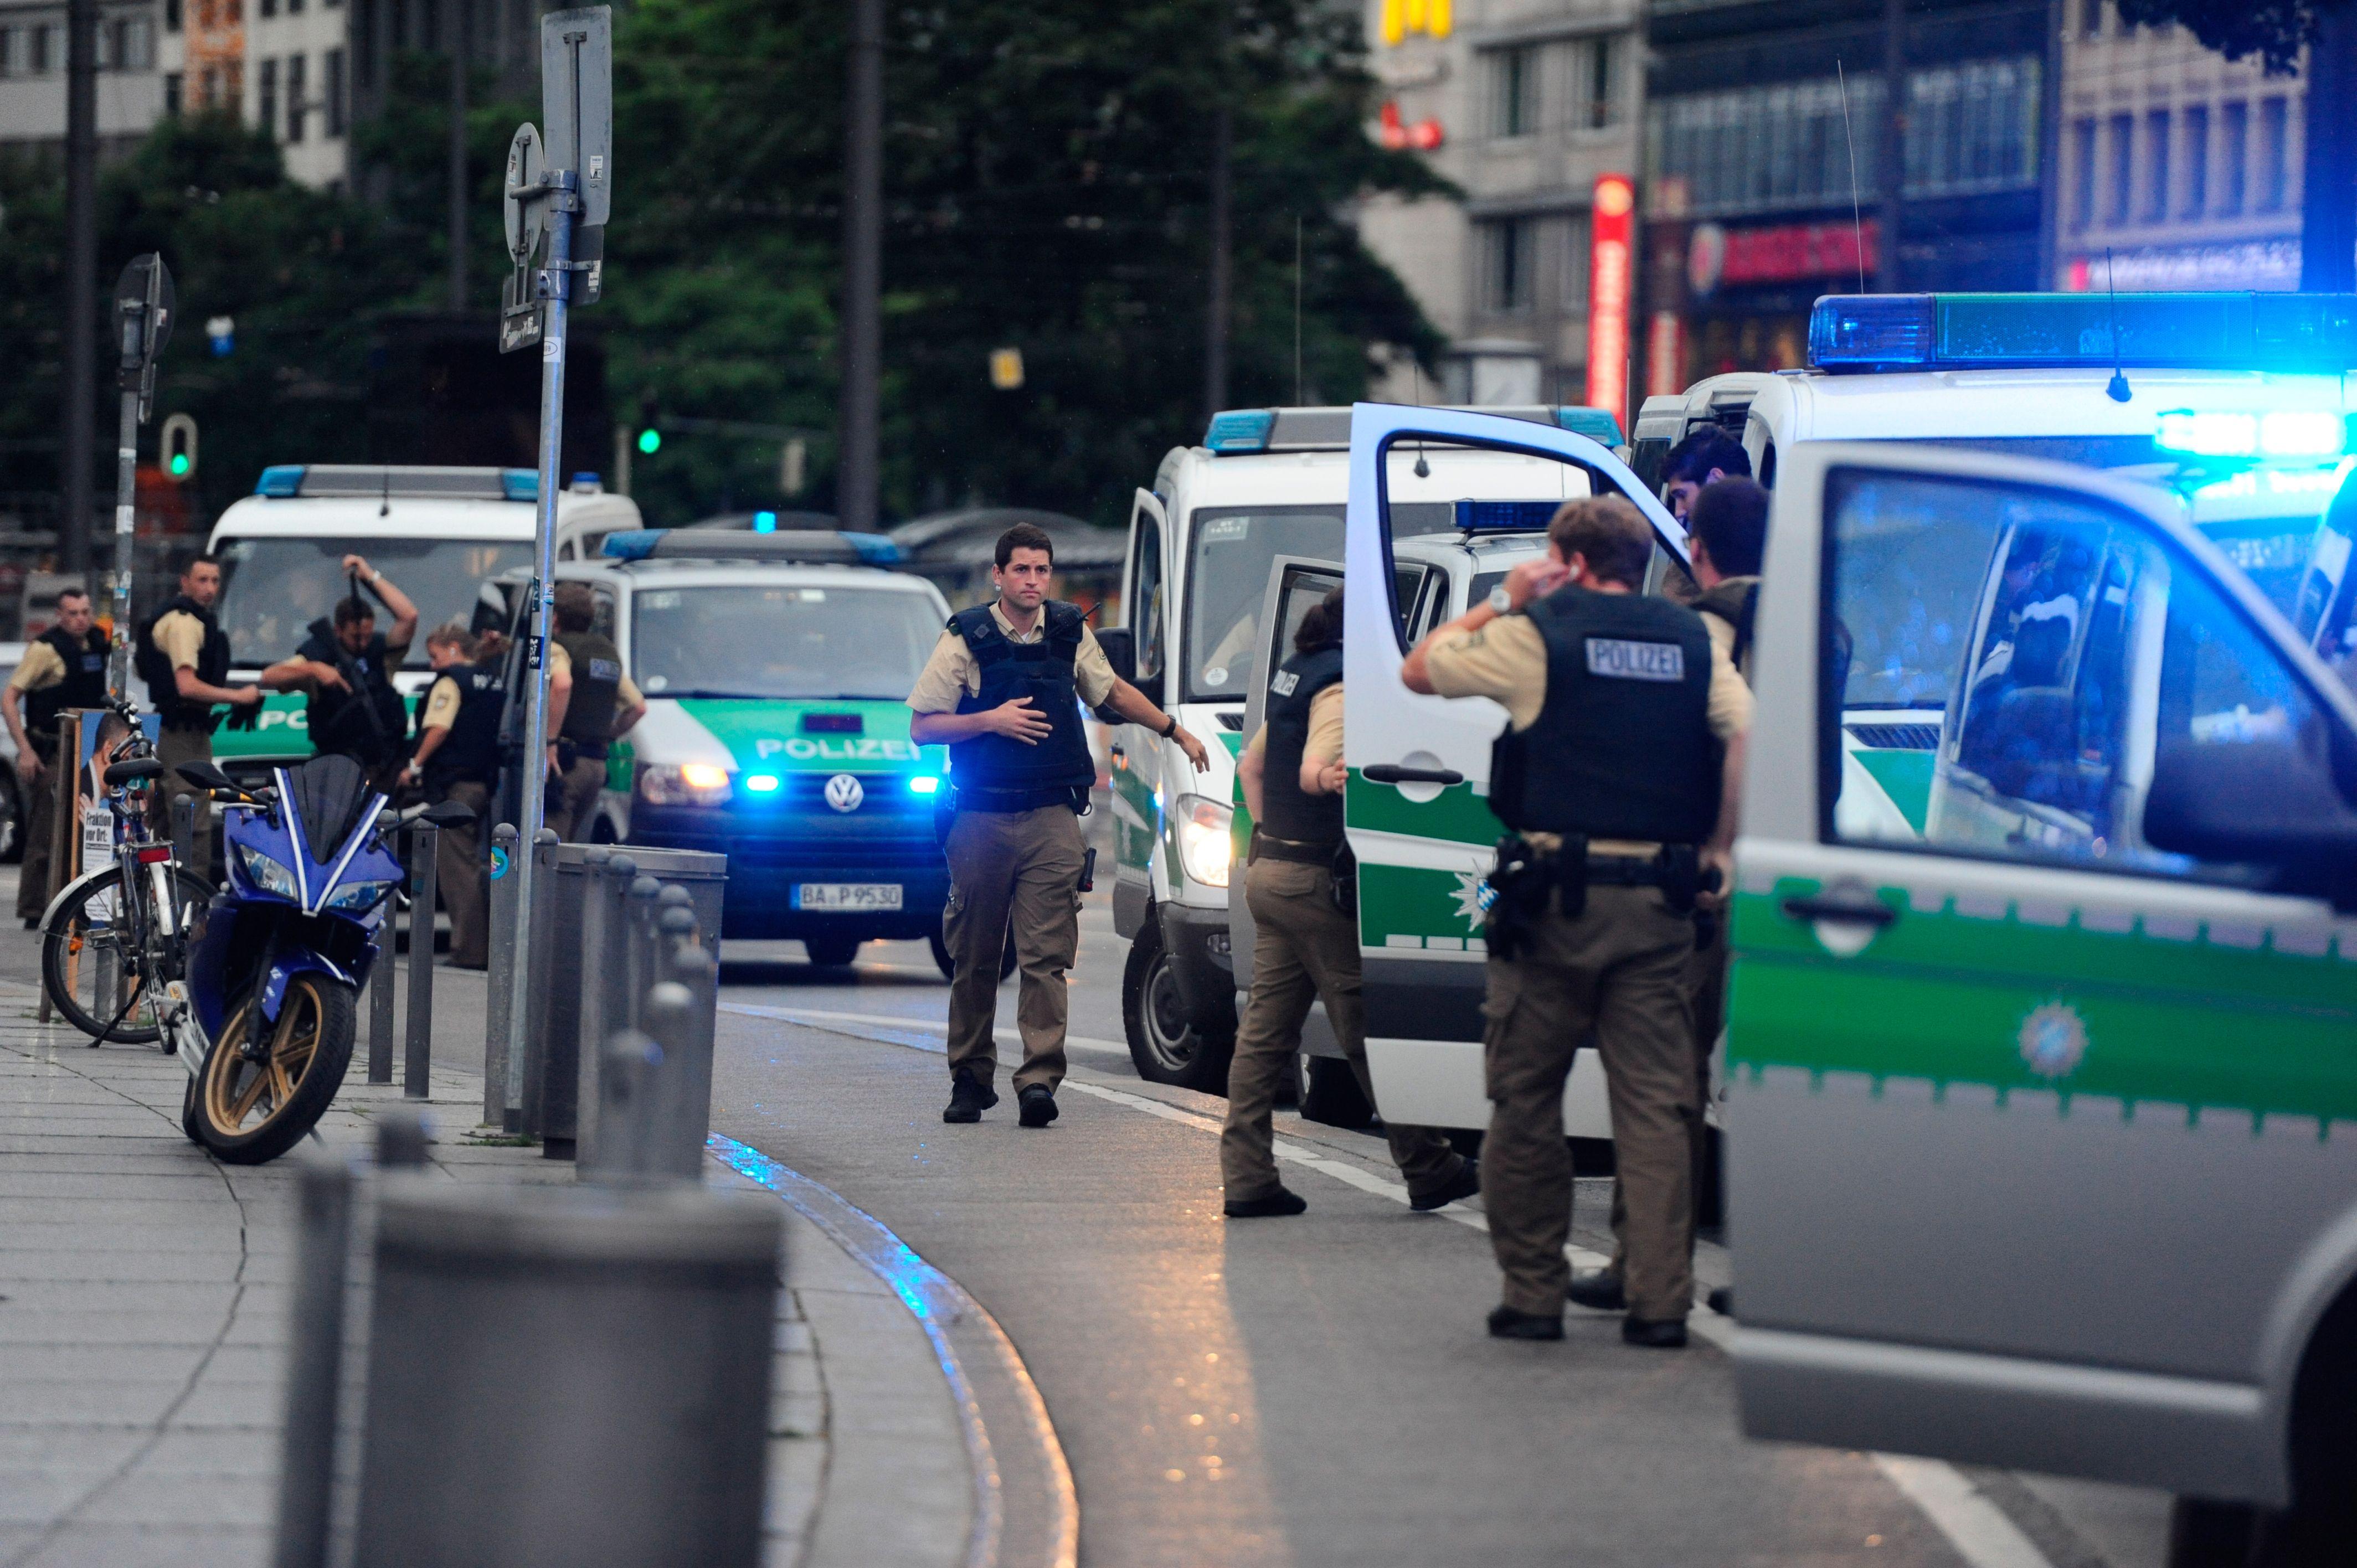 El relato de un argentino en Munich: La policía reaccionó y la gente está tranquila